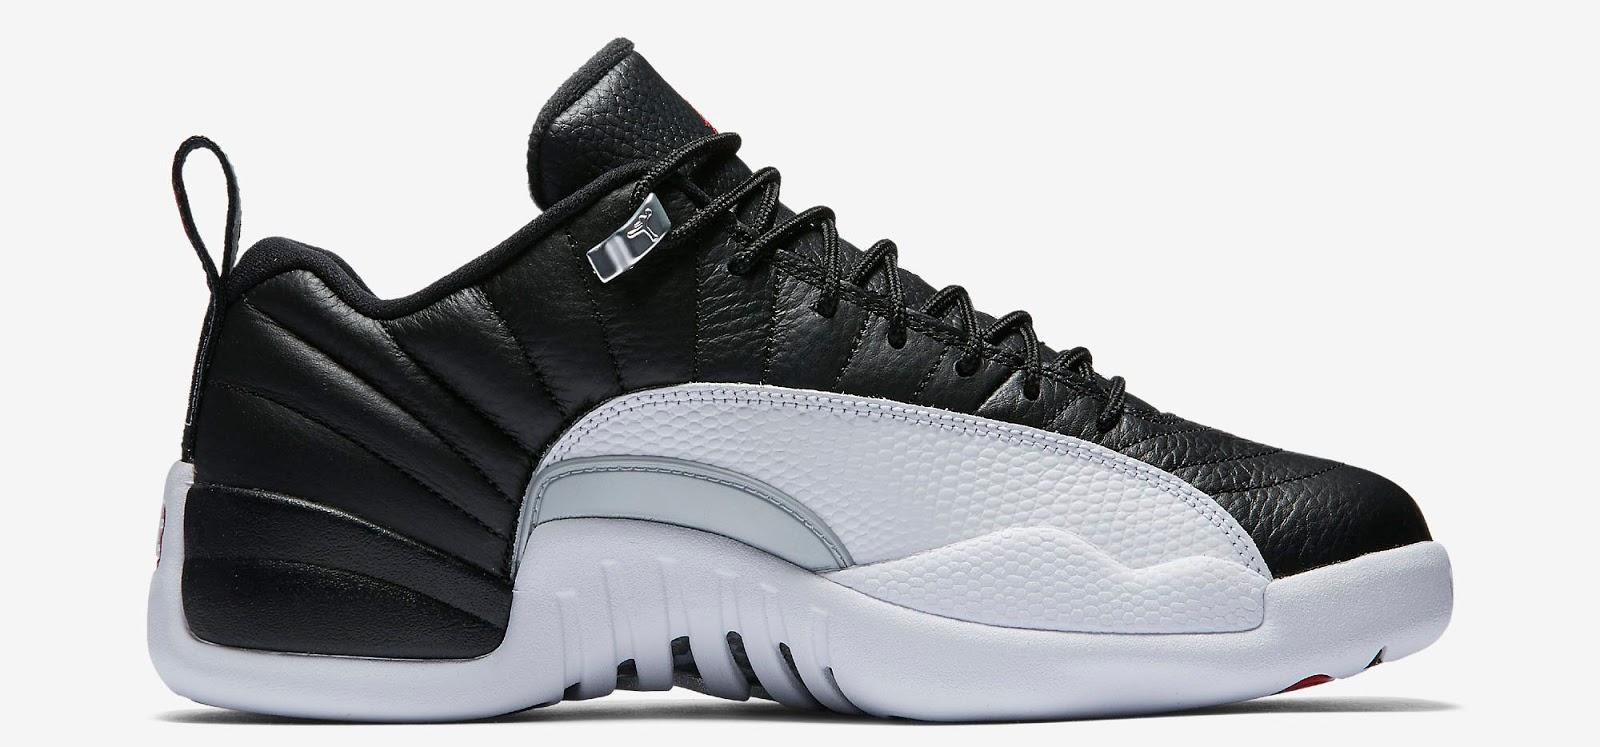 6b9ebf37b65 ... coupon code ajordanxi your 1 source for sneaker release dates air  jordan 12 b082f c163e ...